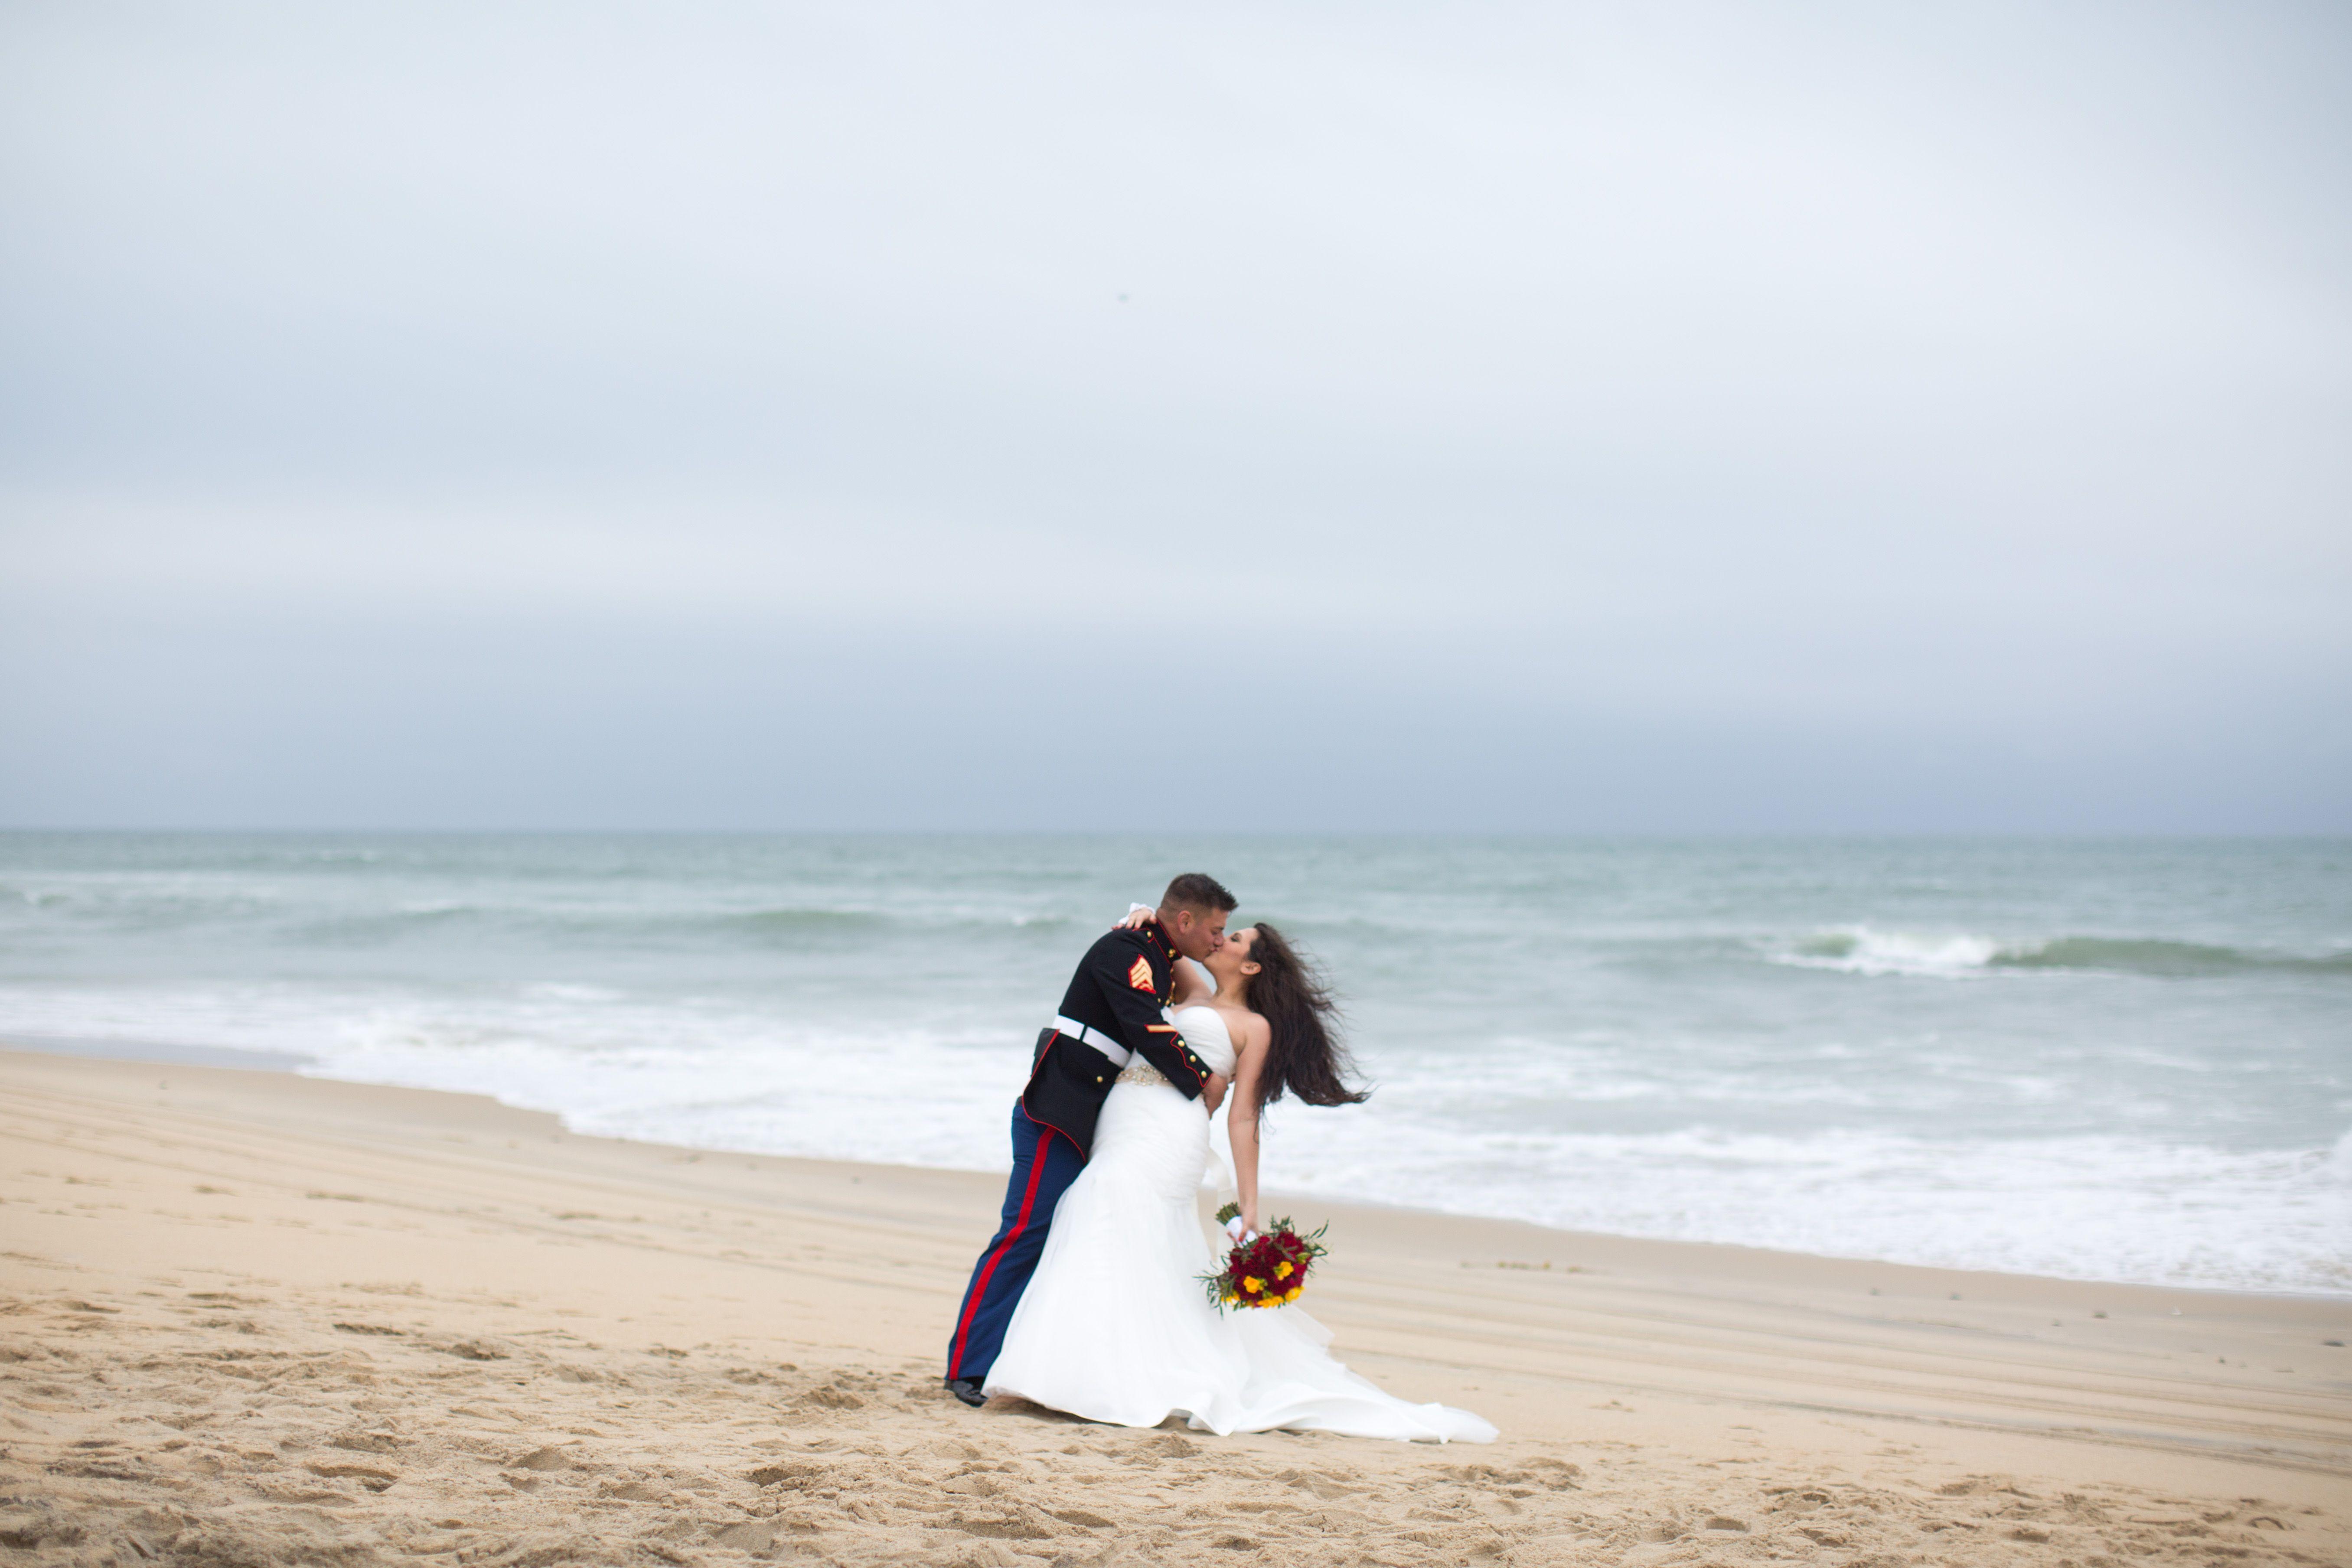 Imperial Beach San Diego San Diego Wedding Venues Dream Beach Wedding Imperial Beach San Diego